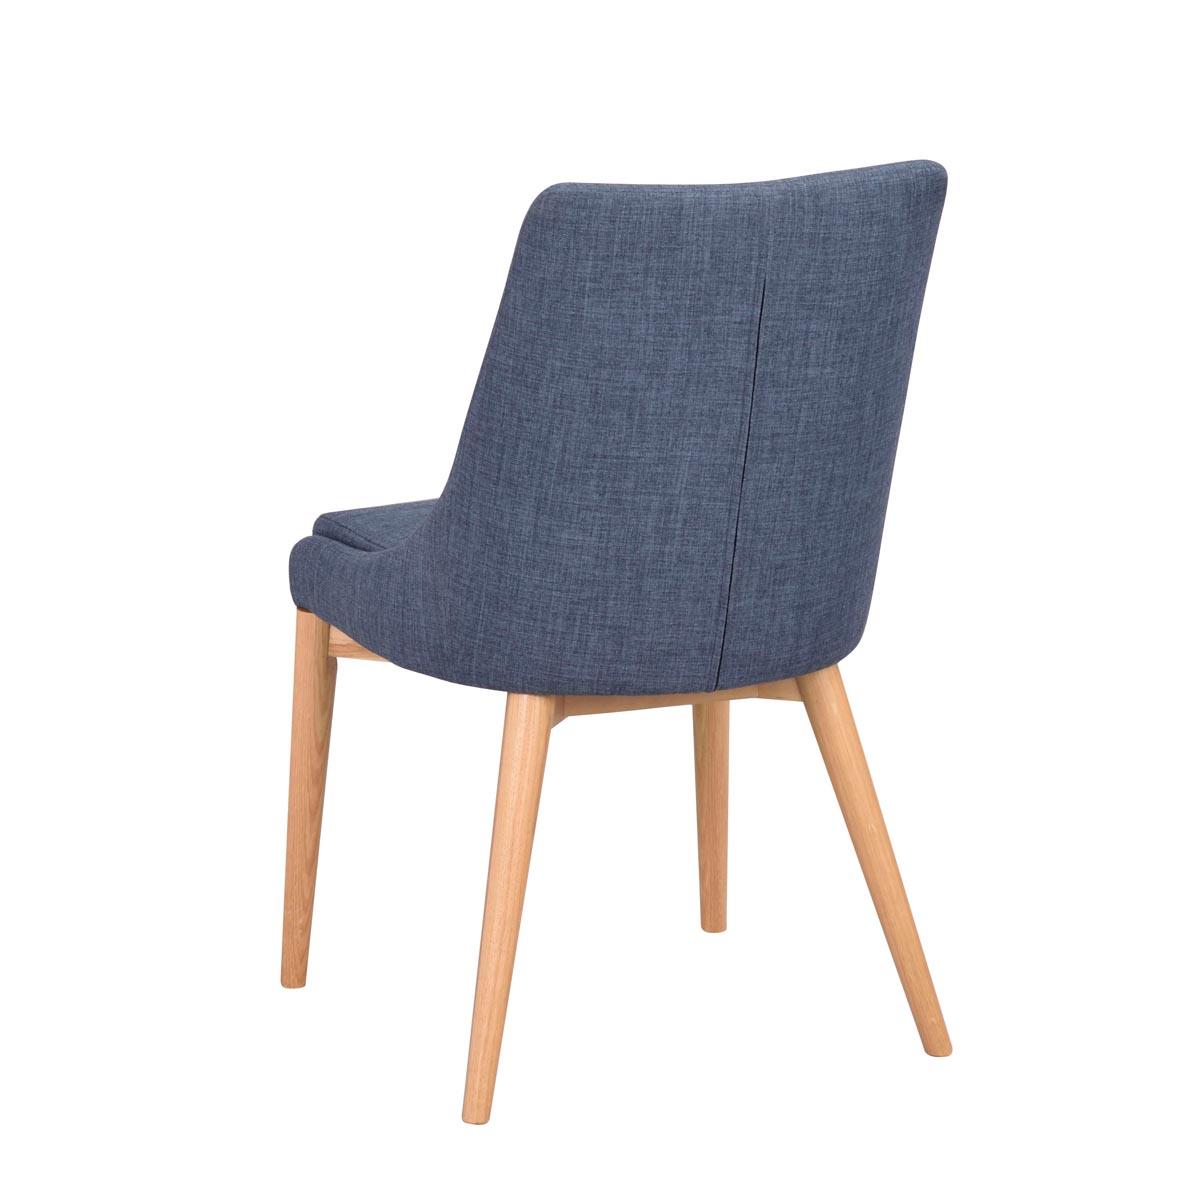 Bea-stol-blått-tyg_ekR-118316_d